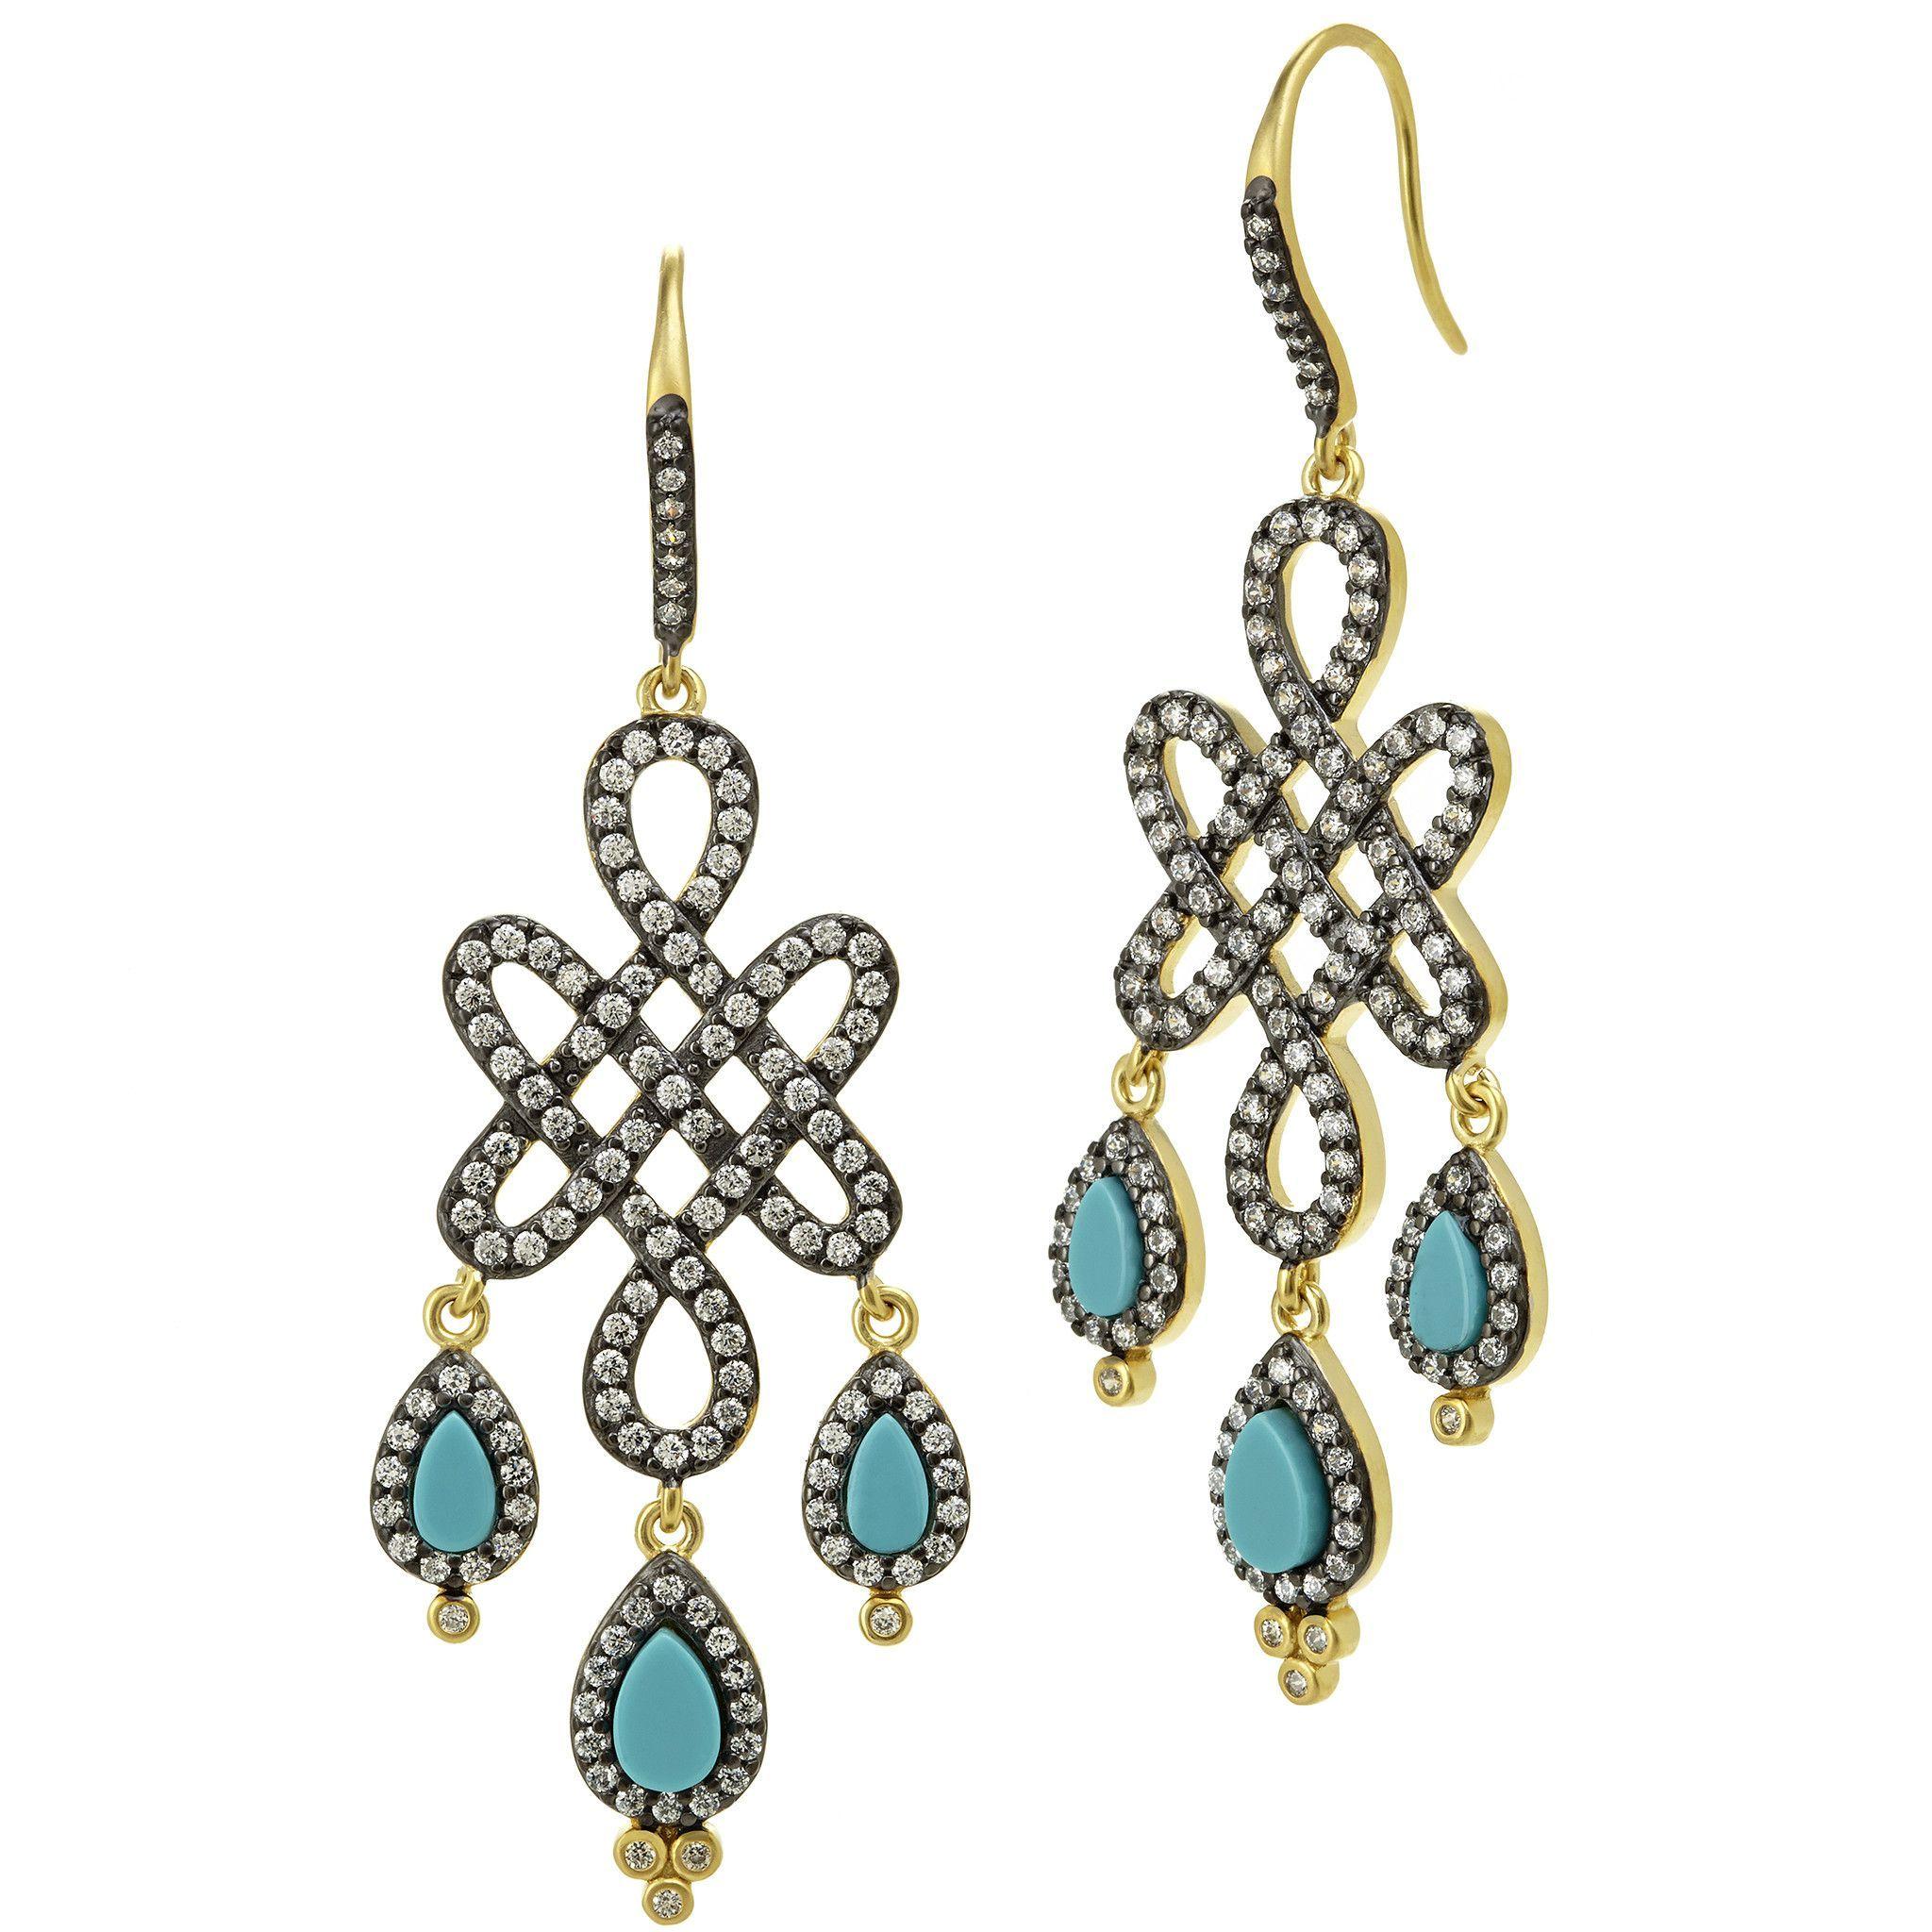 Love Knot Turquoise Tears Chandelier Drop Earrings